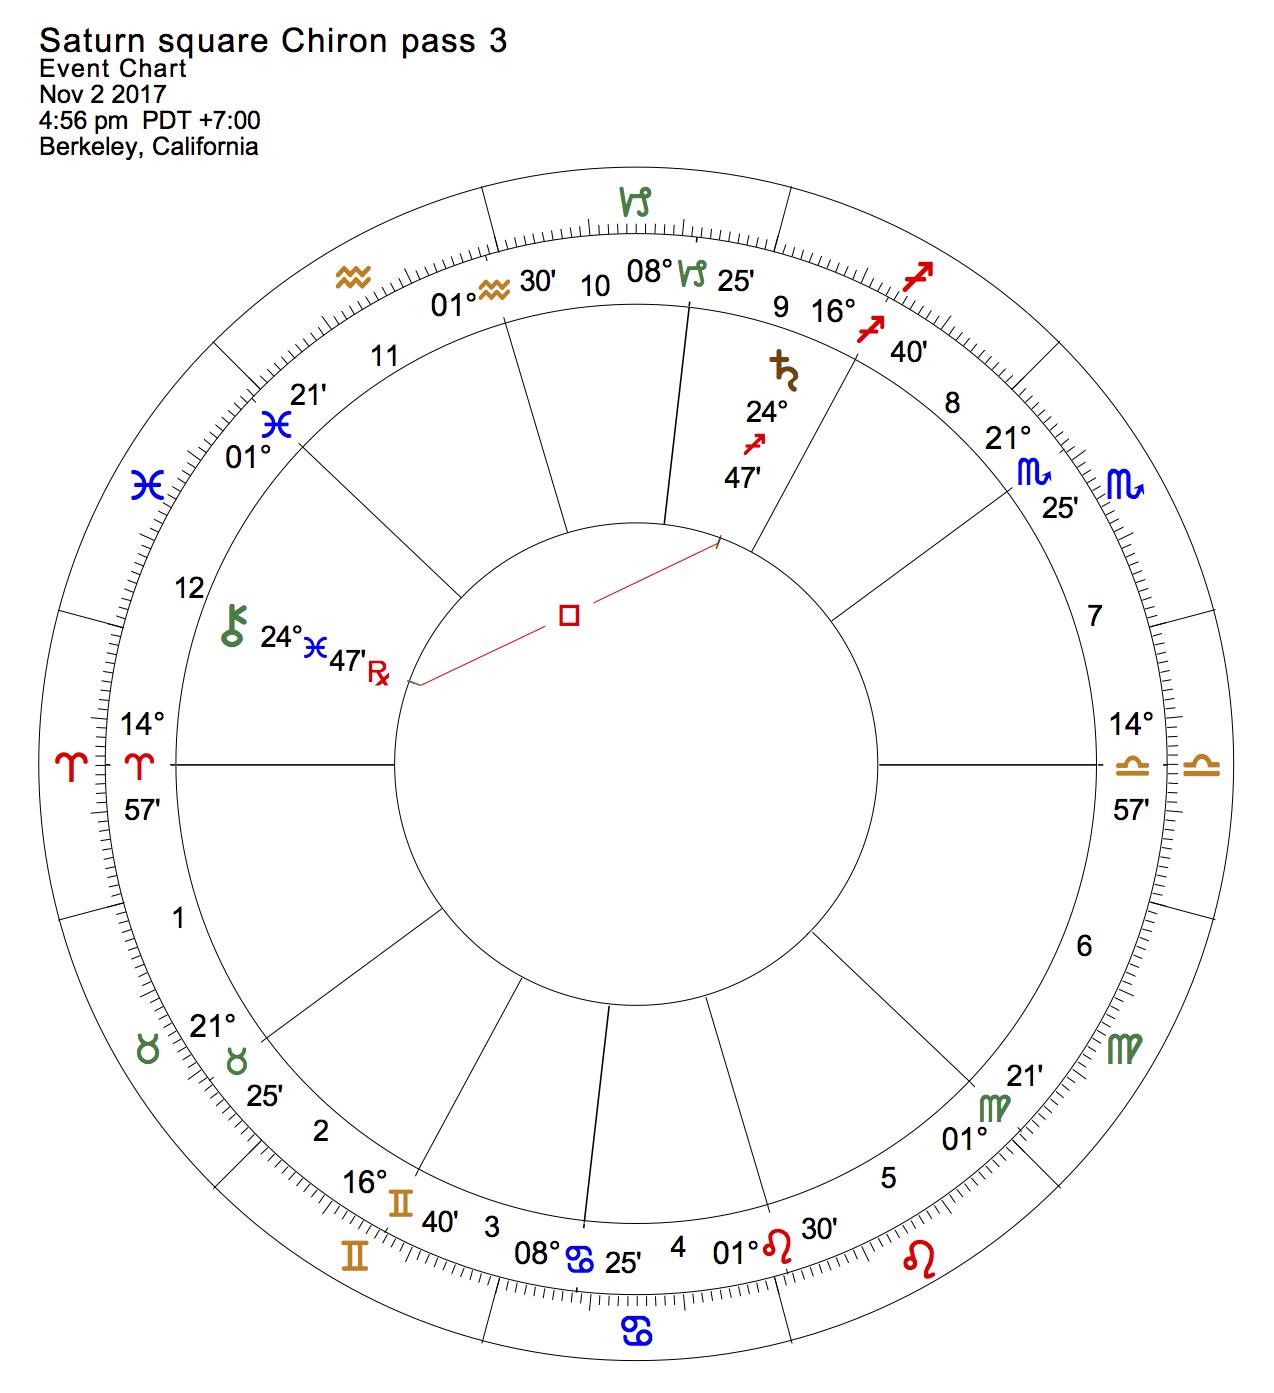 Saturn square Chiron pass 3